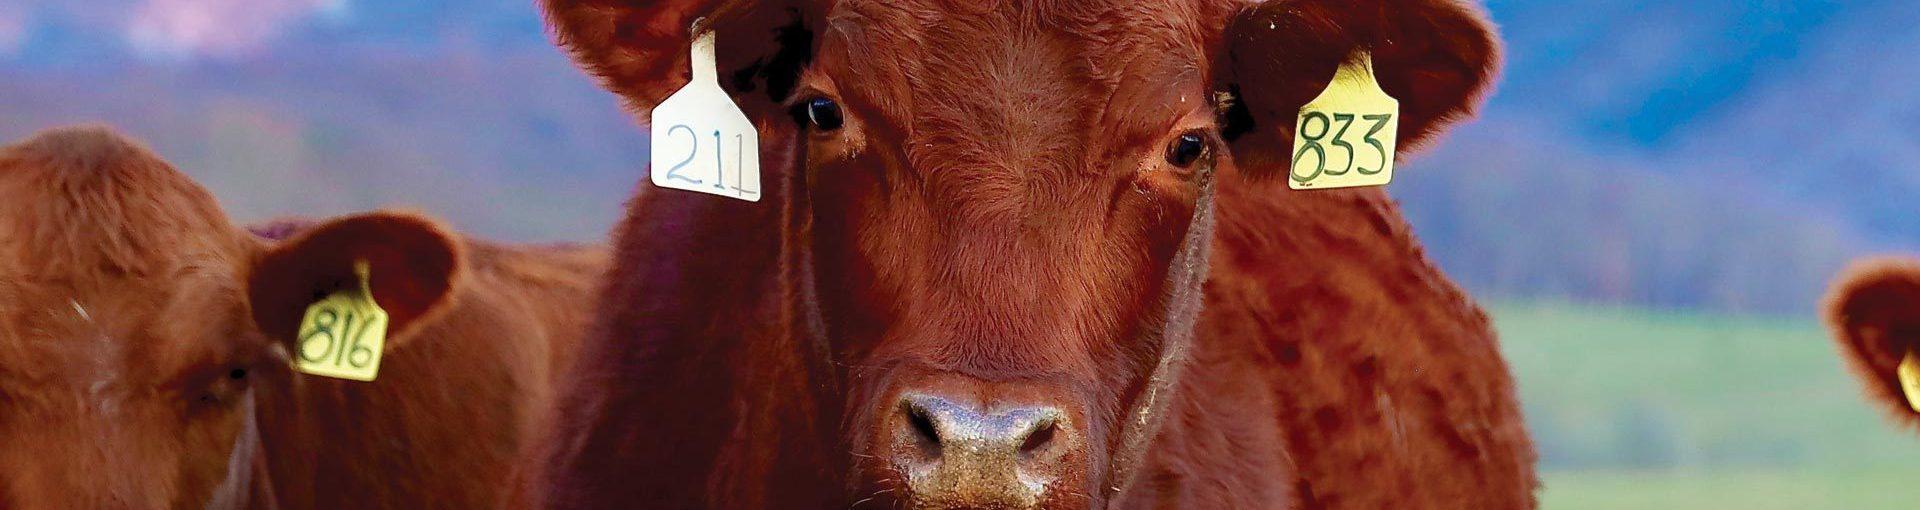 Cattle spgca